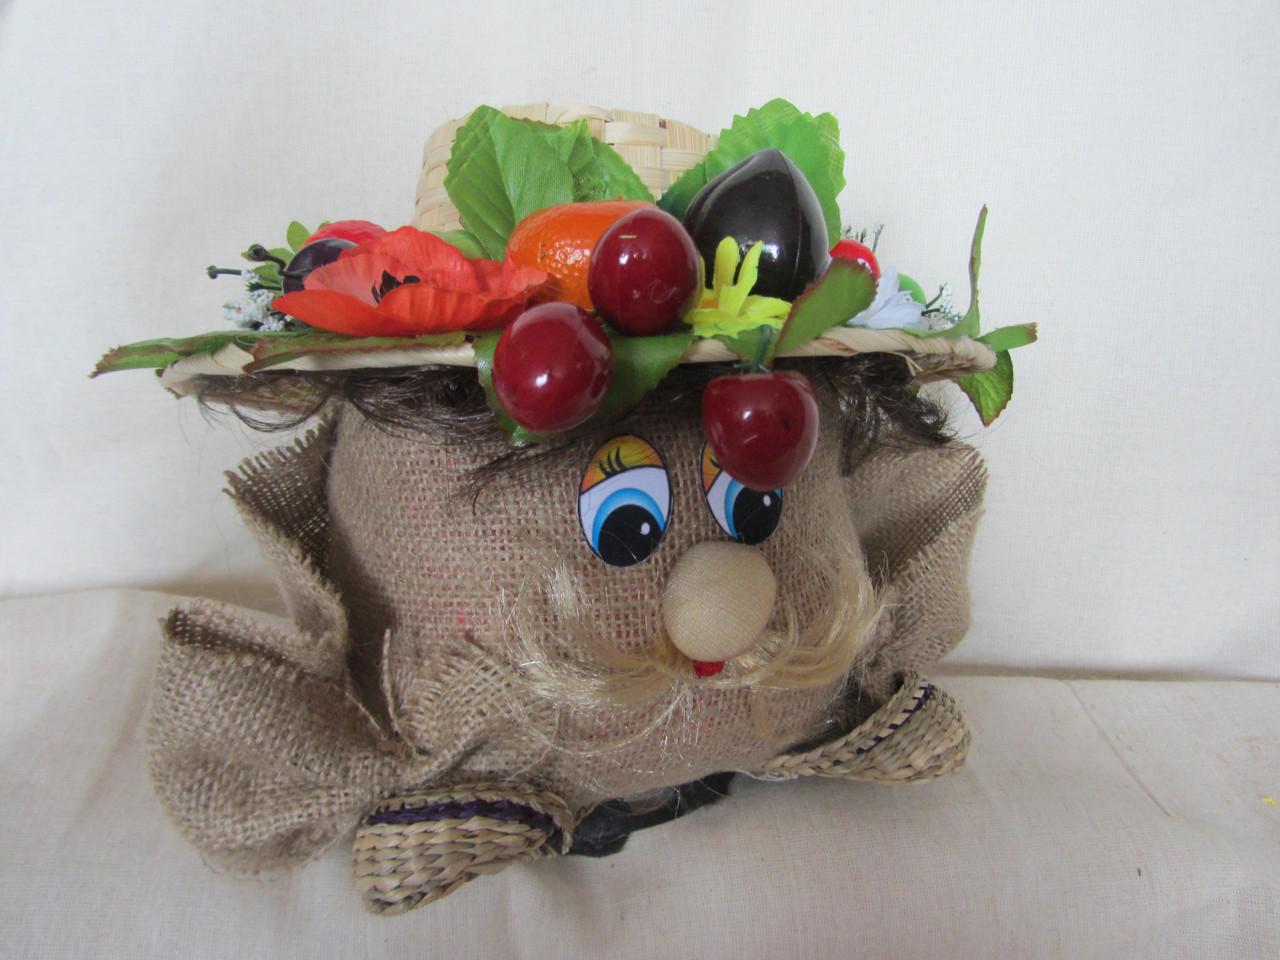 Домовой с фруктами на шляпе, 180/220 (цена за 1 шт. + 40 гр.)